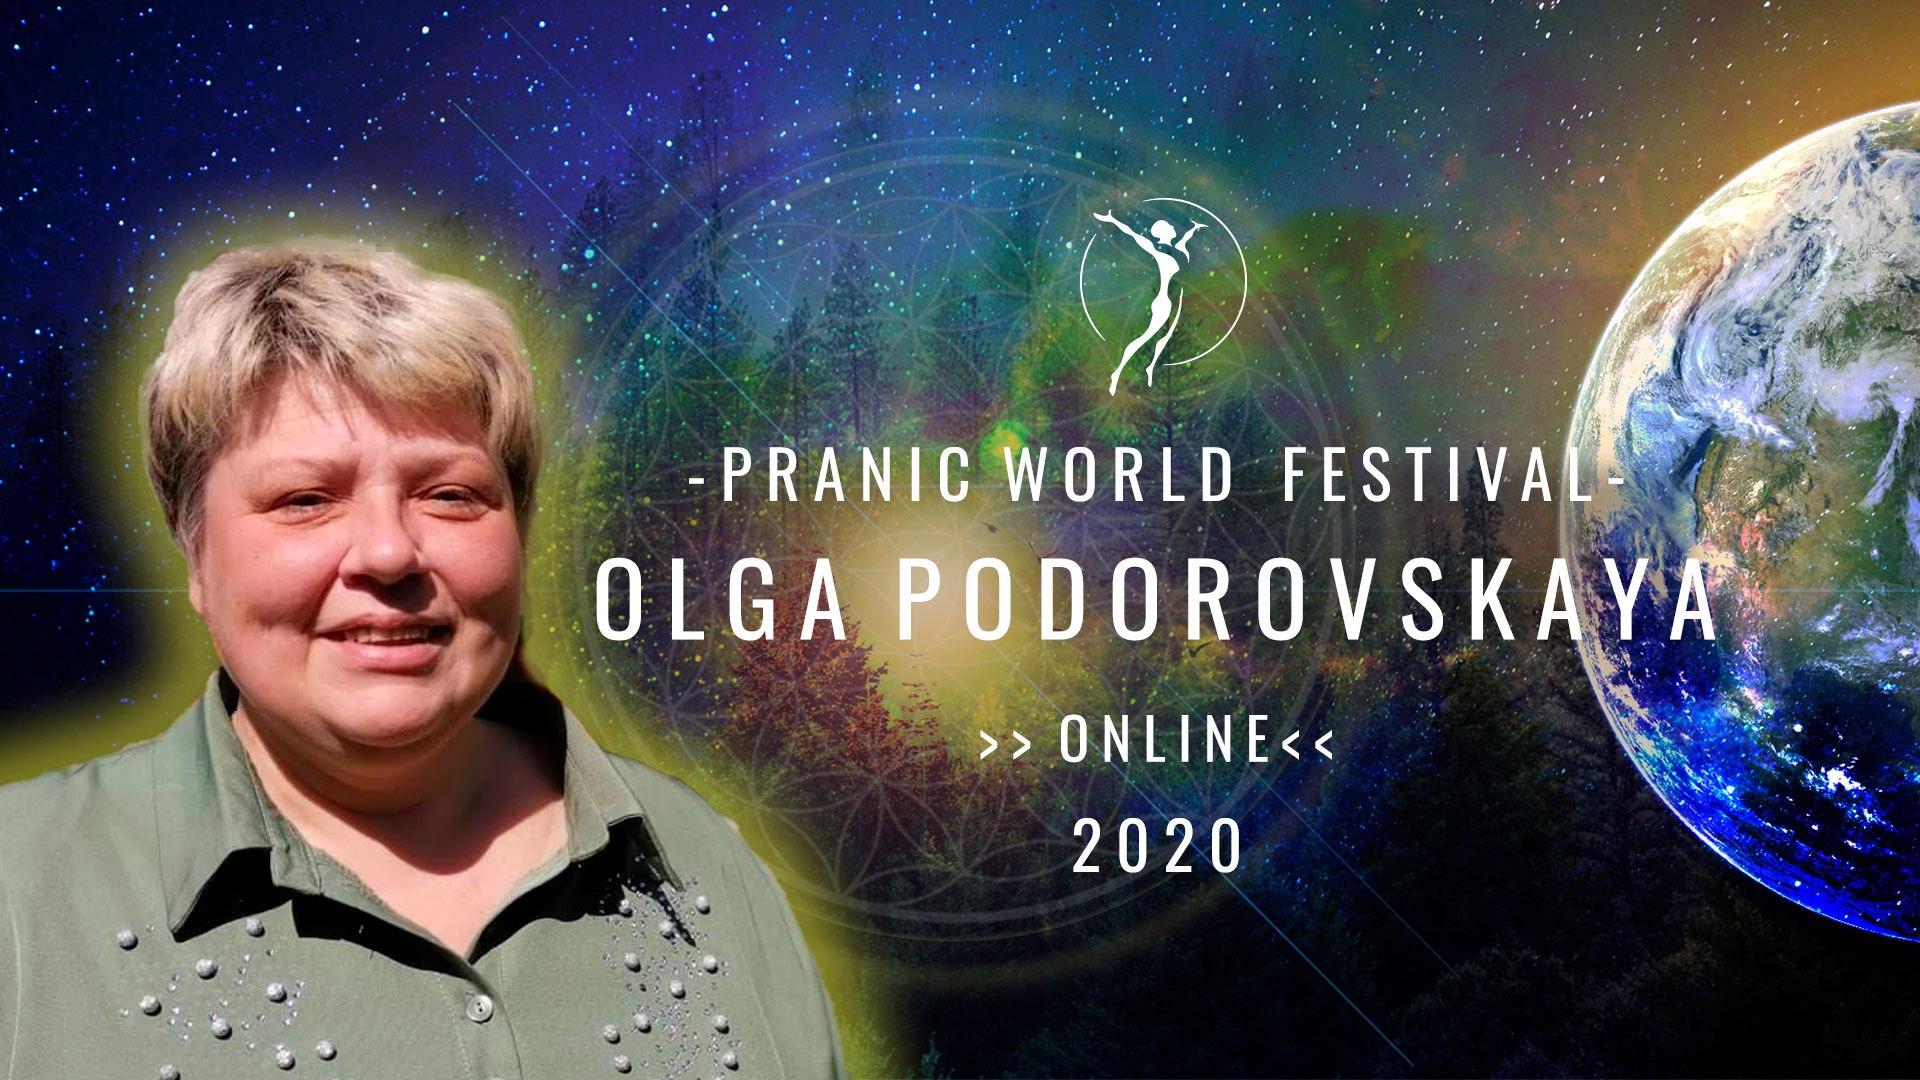 Olga Podorovskaya